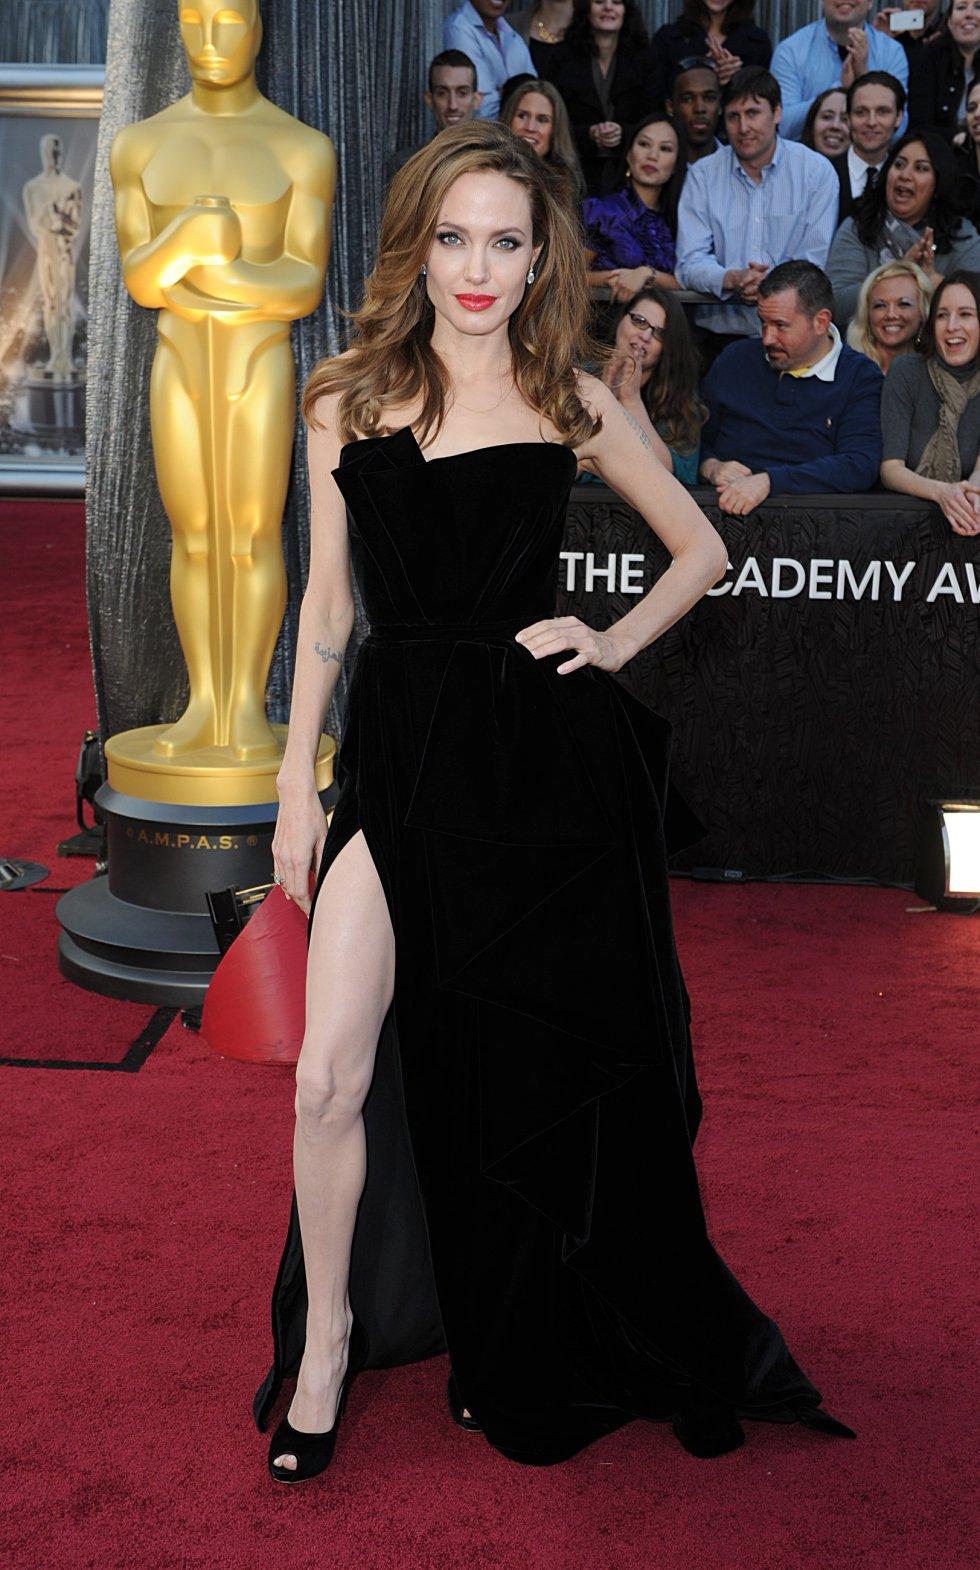 Angelina Jolie, con un diseño de Atelier de Versace, en los Oscar de 2012. El modelo se hizo famoso por su abertura en la pierna.